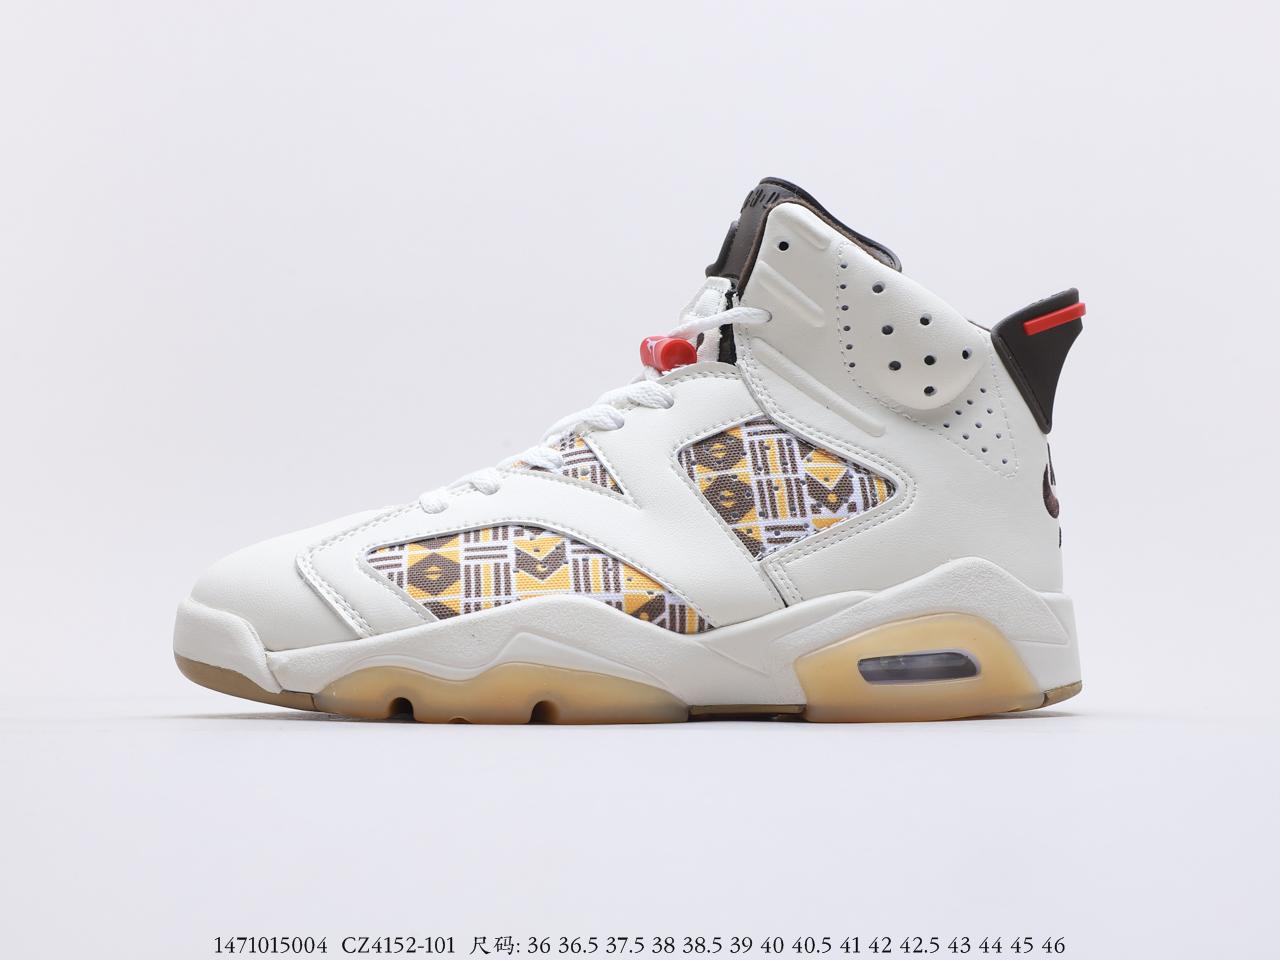 乔丹Air Jordan 6 鞋面延标续志性的荔枝皮 + 粒面皮 + 牛巴革